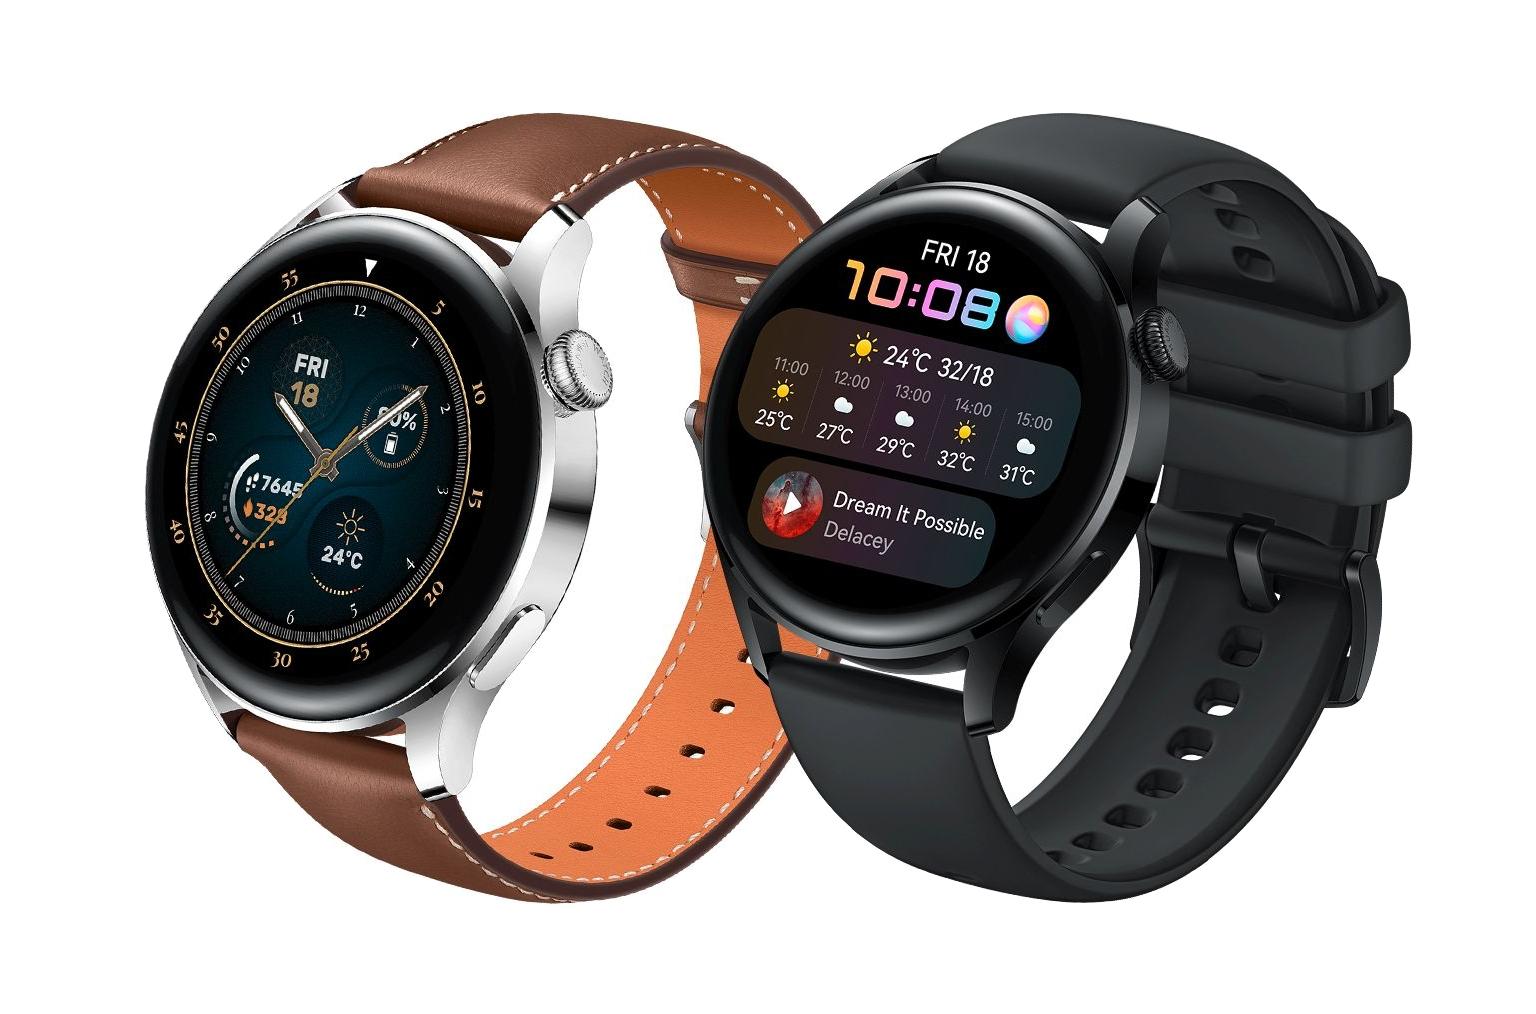 За несколько часов до анонса: в сеть утекли качественные изображения и подробные характеристики смарт-часов Huawei Watch 3